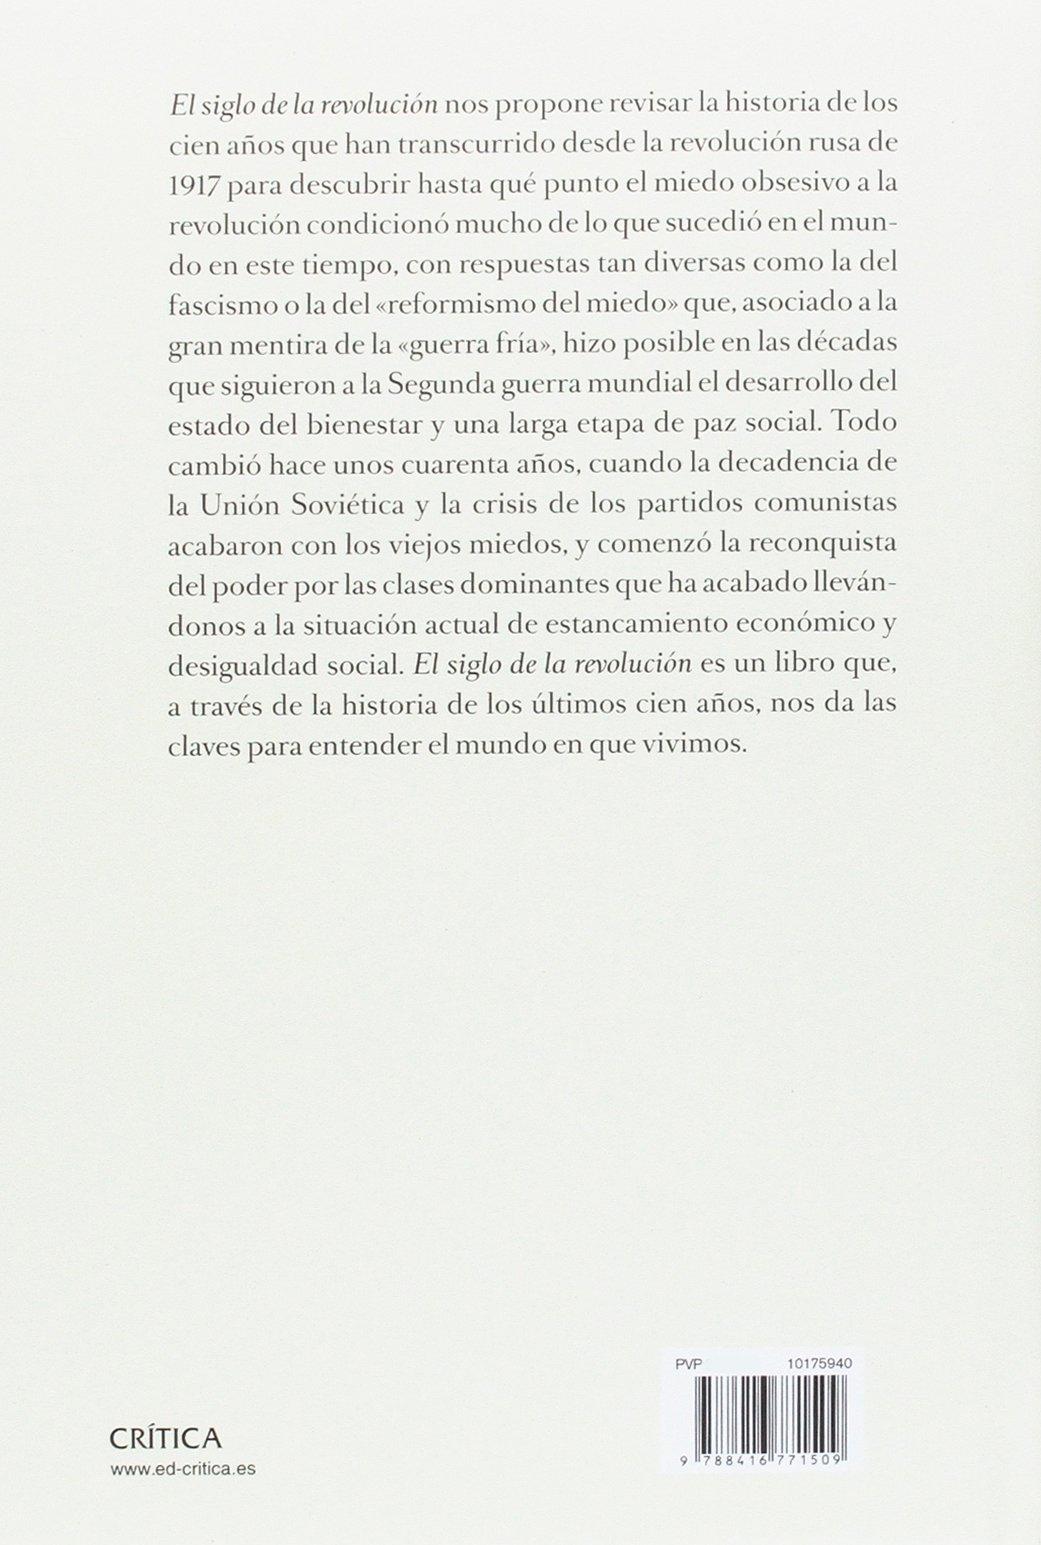 El siglo de la revolución: Una historia del mundo desde 1914 Serie Mayor:  Amazon.es: Josep Fontana: Libros